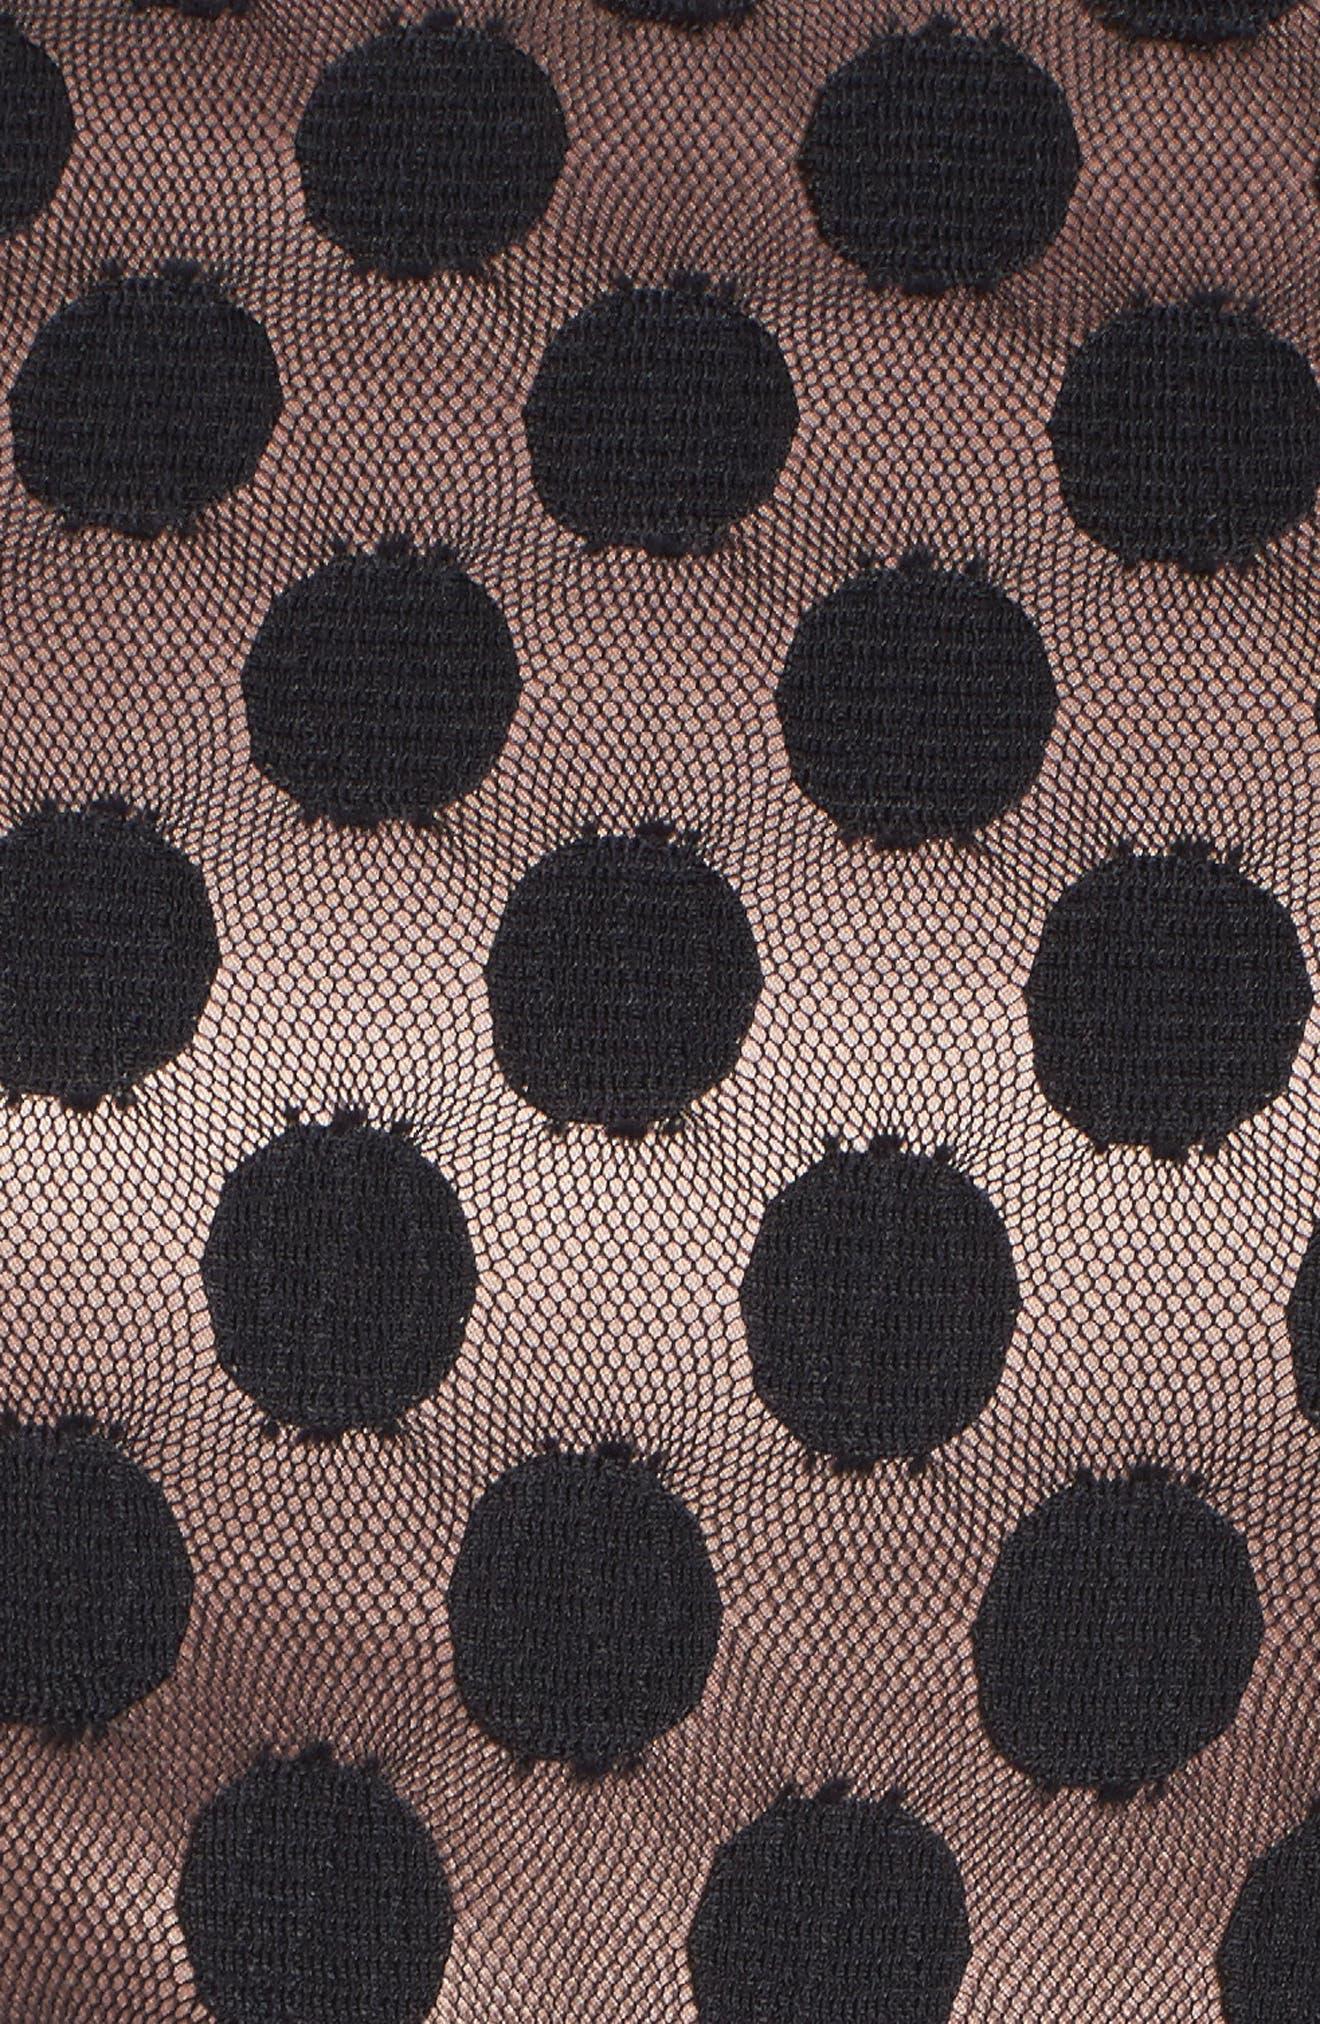 Dot Mesh Bodice Fit & Flare Dress,                             Alternate thumbnail 12, color,